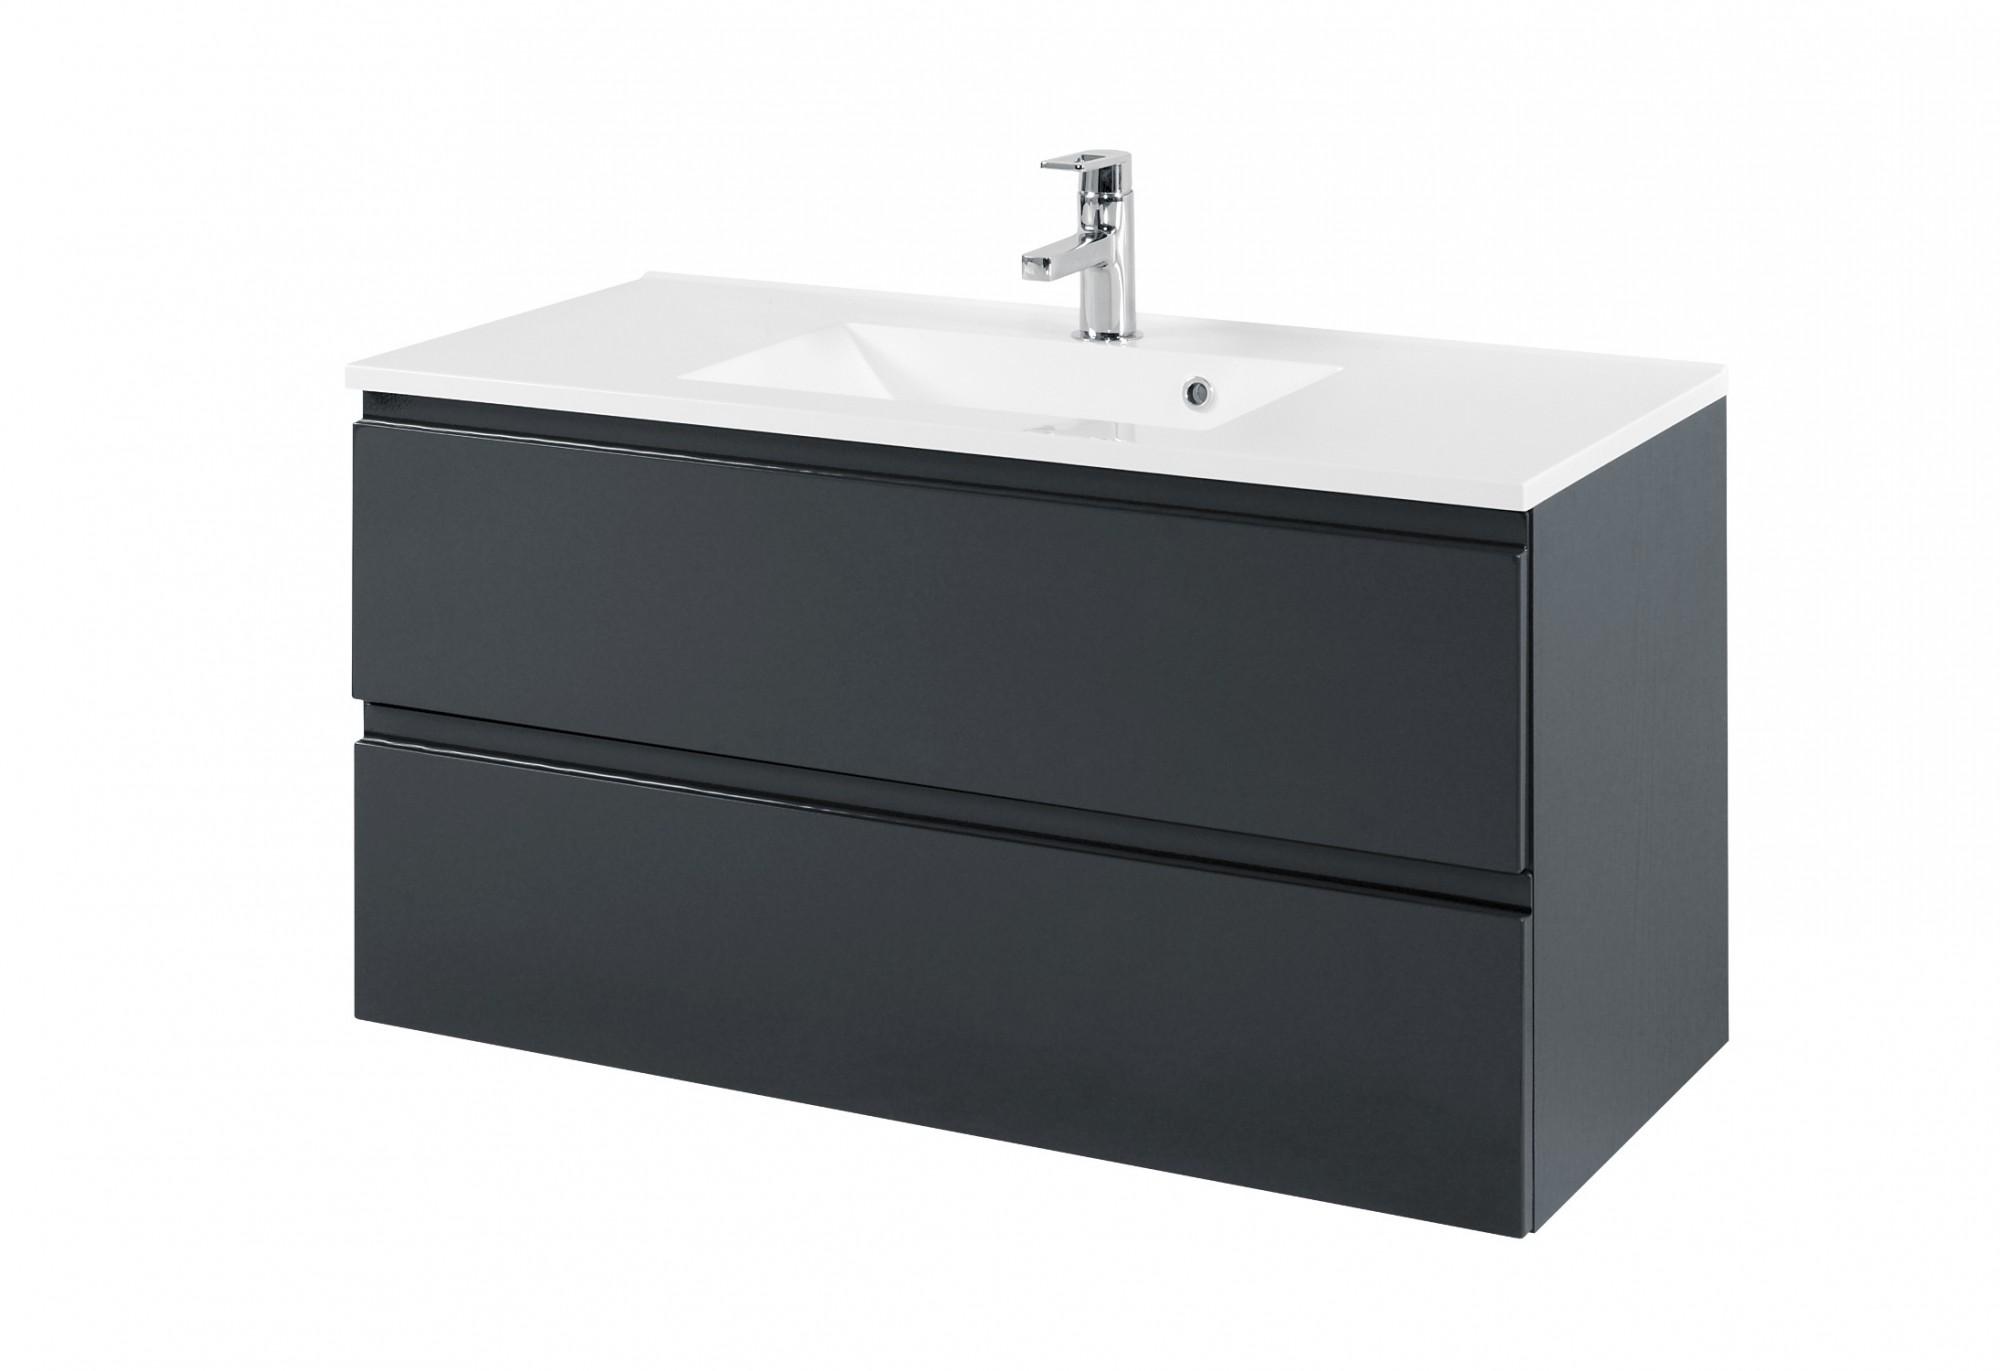 bad waschtisch cardiff 2 ausz ge 100 cm breit hochglanz grau bad waschtische. Black Bedroom Furniture Sets. Home Design Ideas